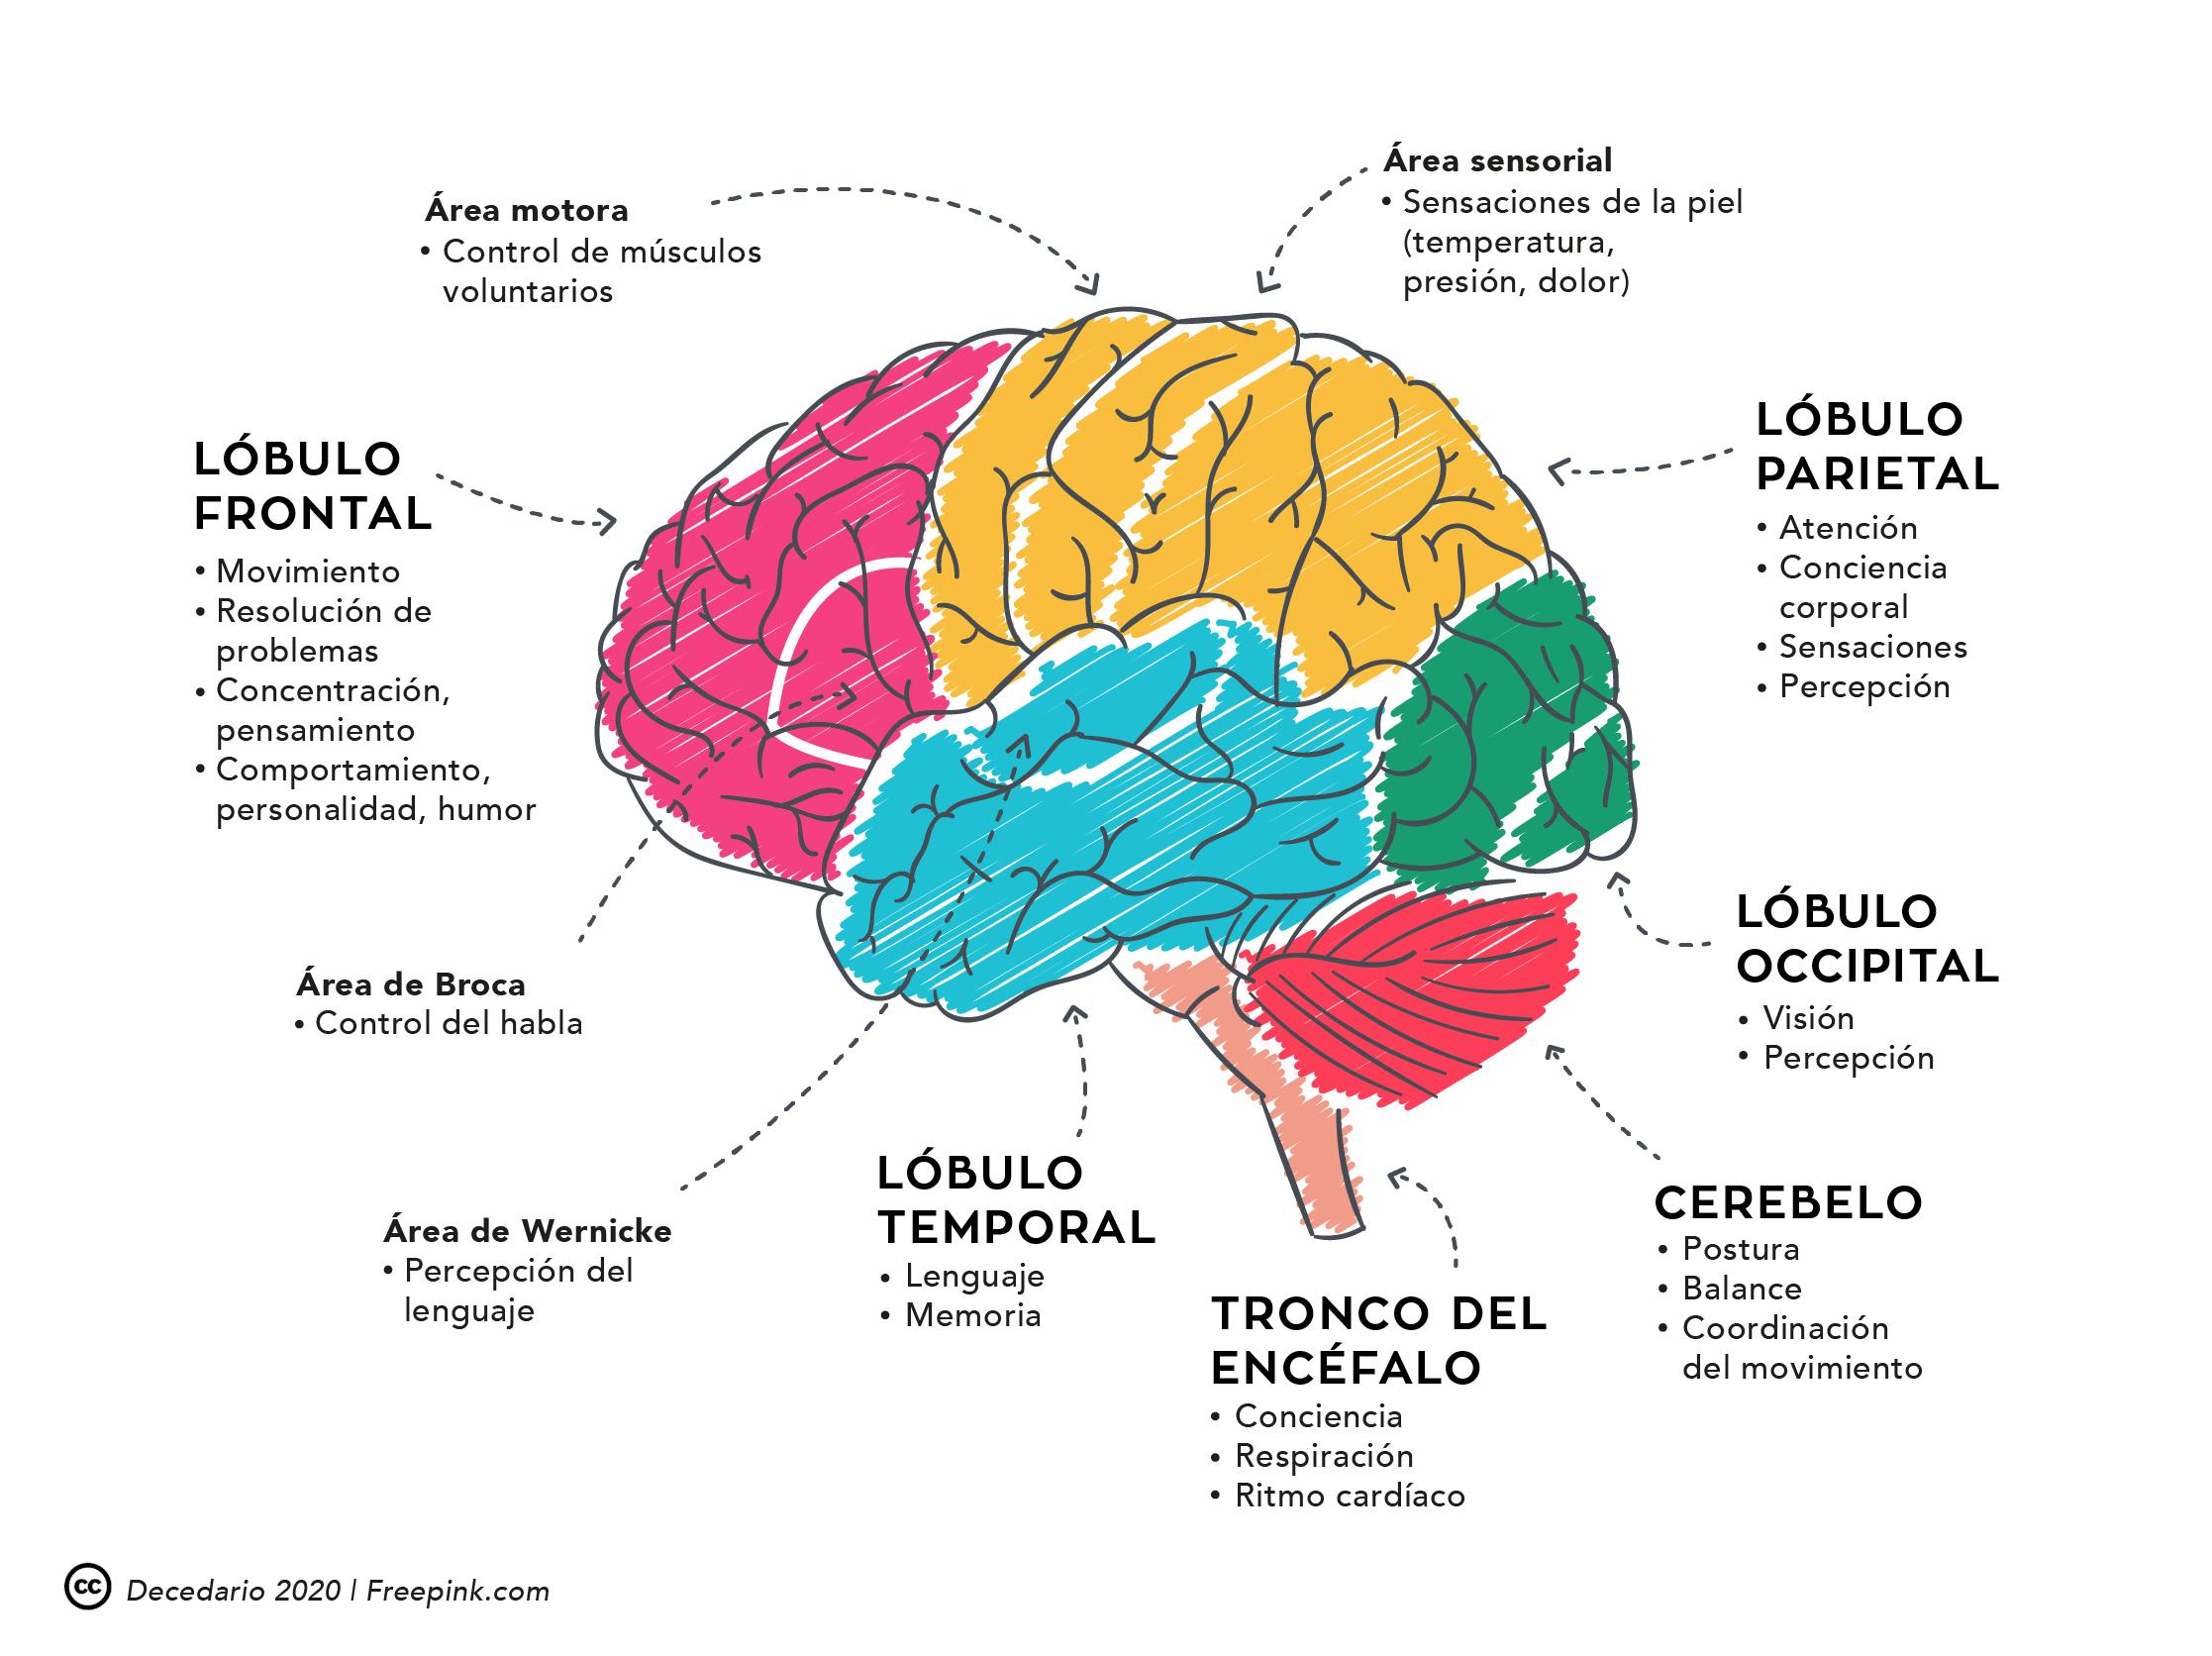 Funciones cognitivas que se trabajan en Decedario